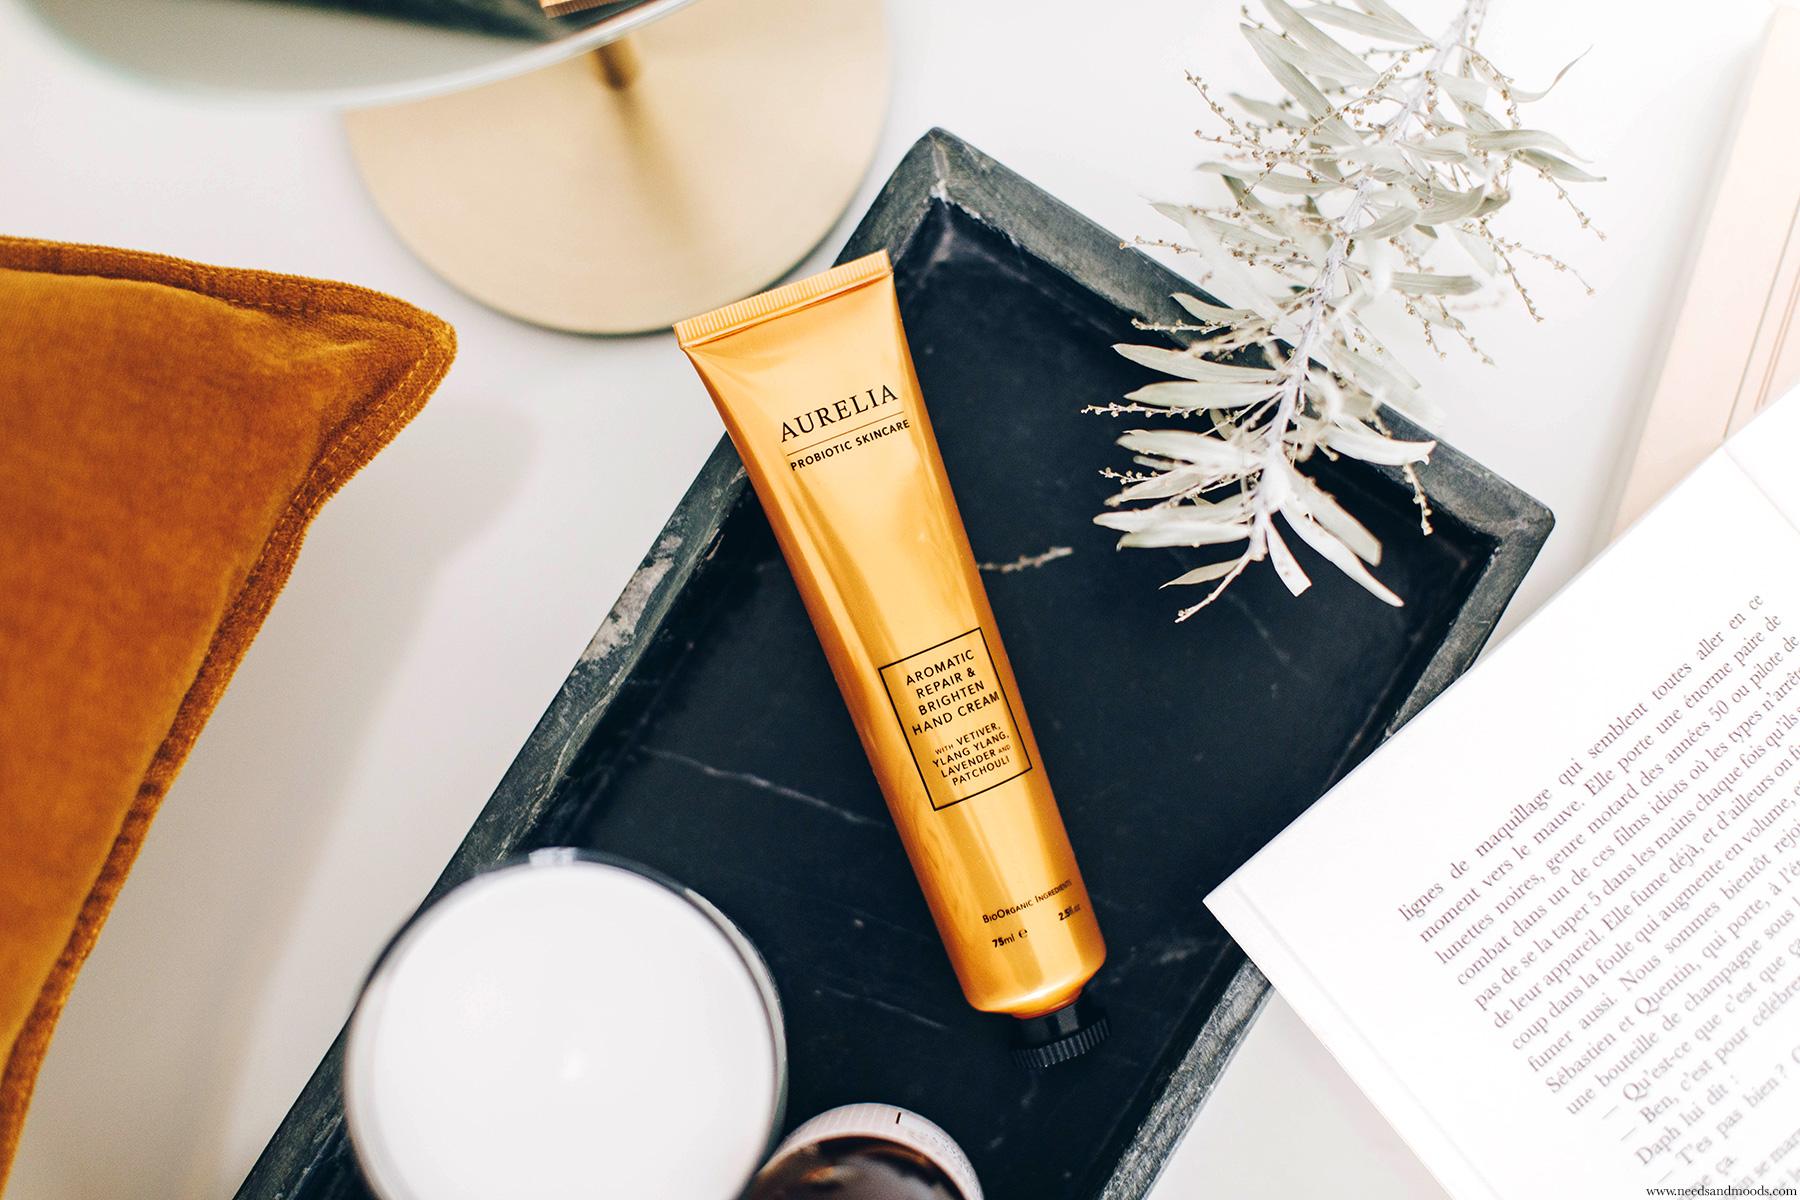 aurelia london aromatic repair brighten hand cream